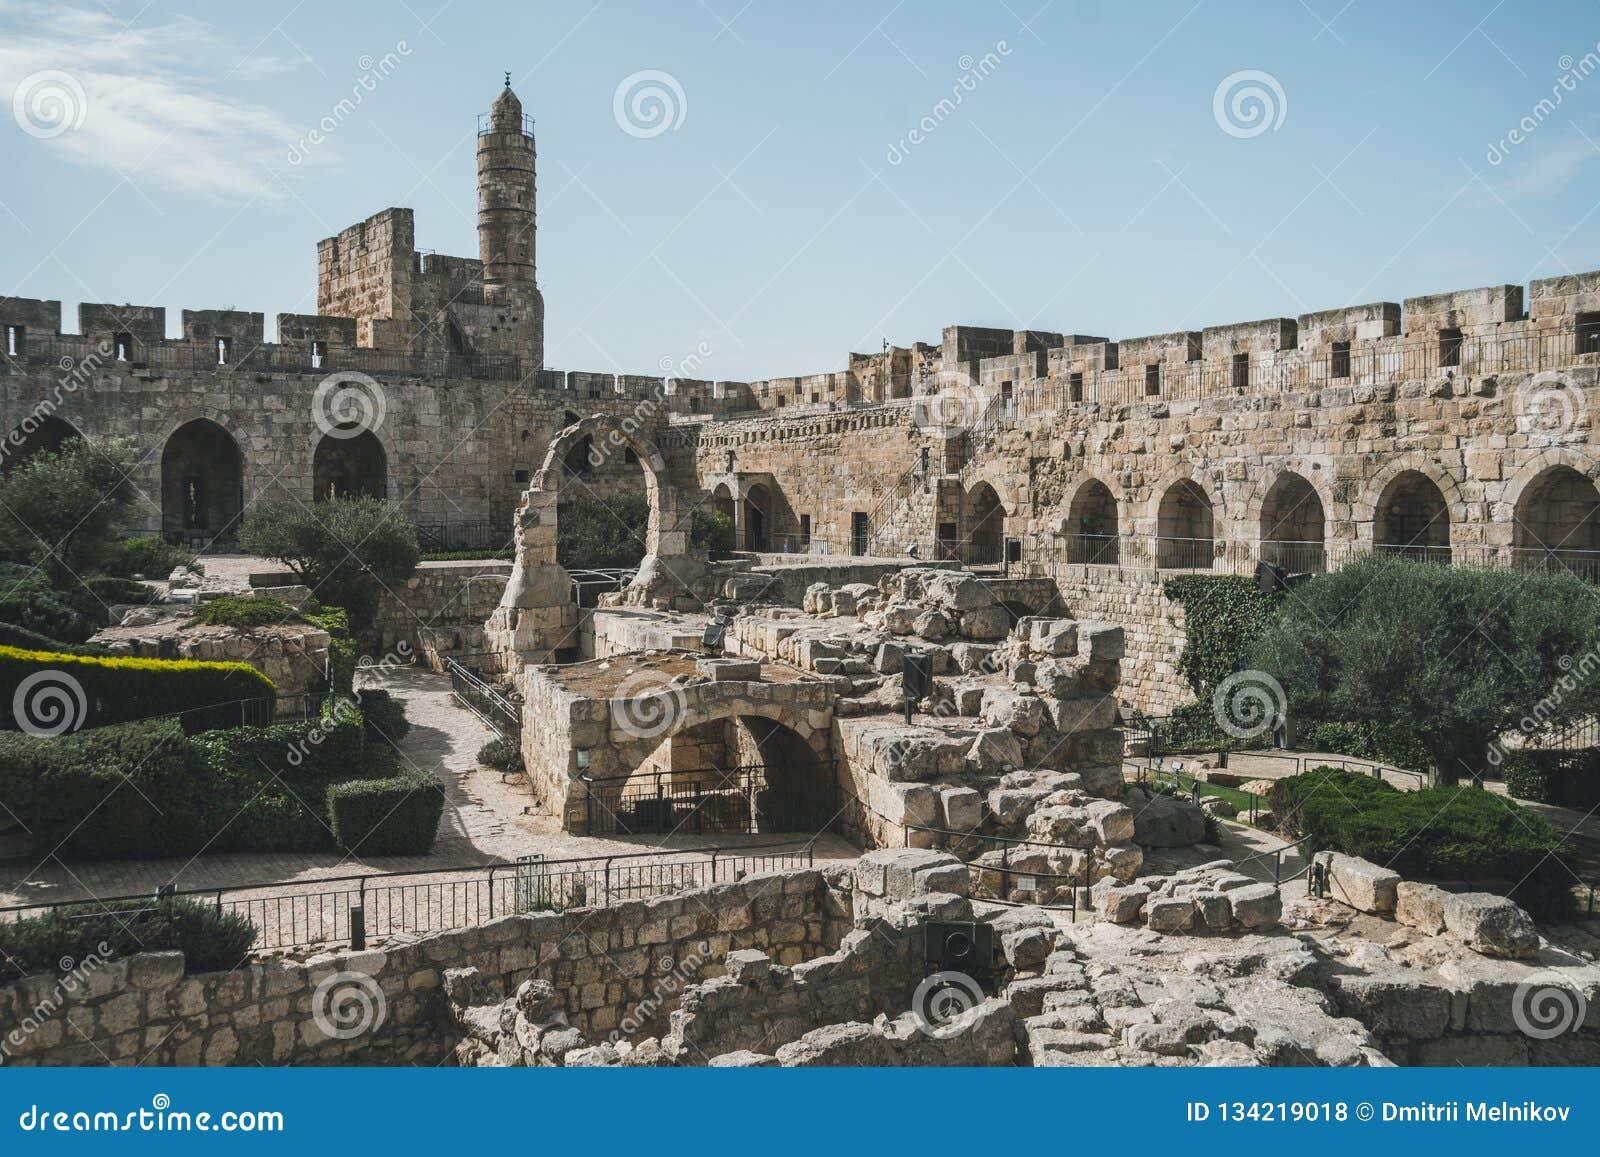 Torre da citadela de David ou de Jerusalém Jerusalem, Israel Pátio, atrás de uma parede de pedra alta Sightseeing na cidade velha